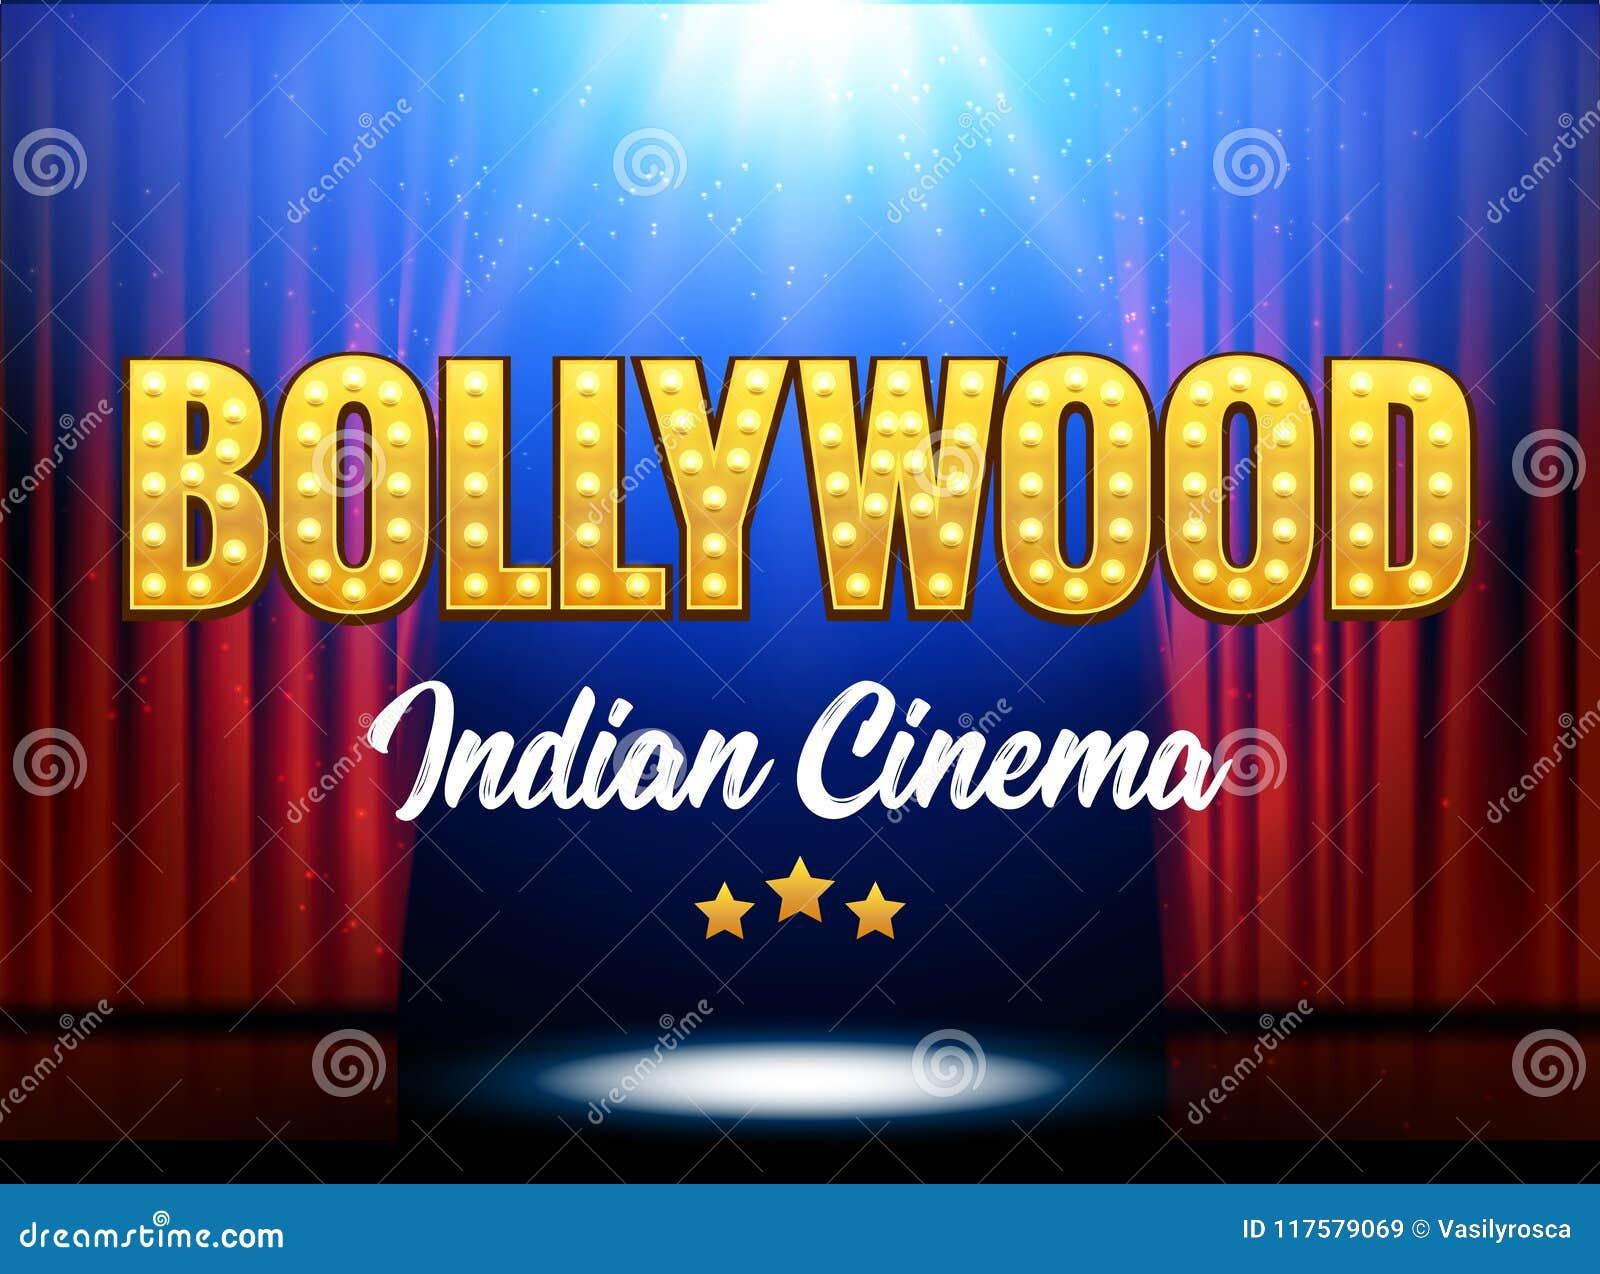 Baner för Bollywood indiskt biofilm Indisk bio Logo Sign Design Glowing Element med etappen och gardiner